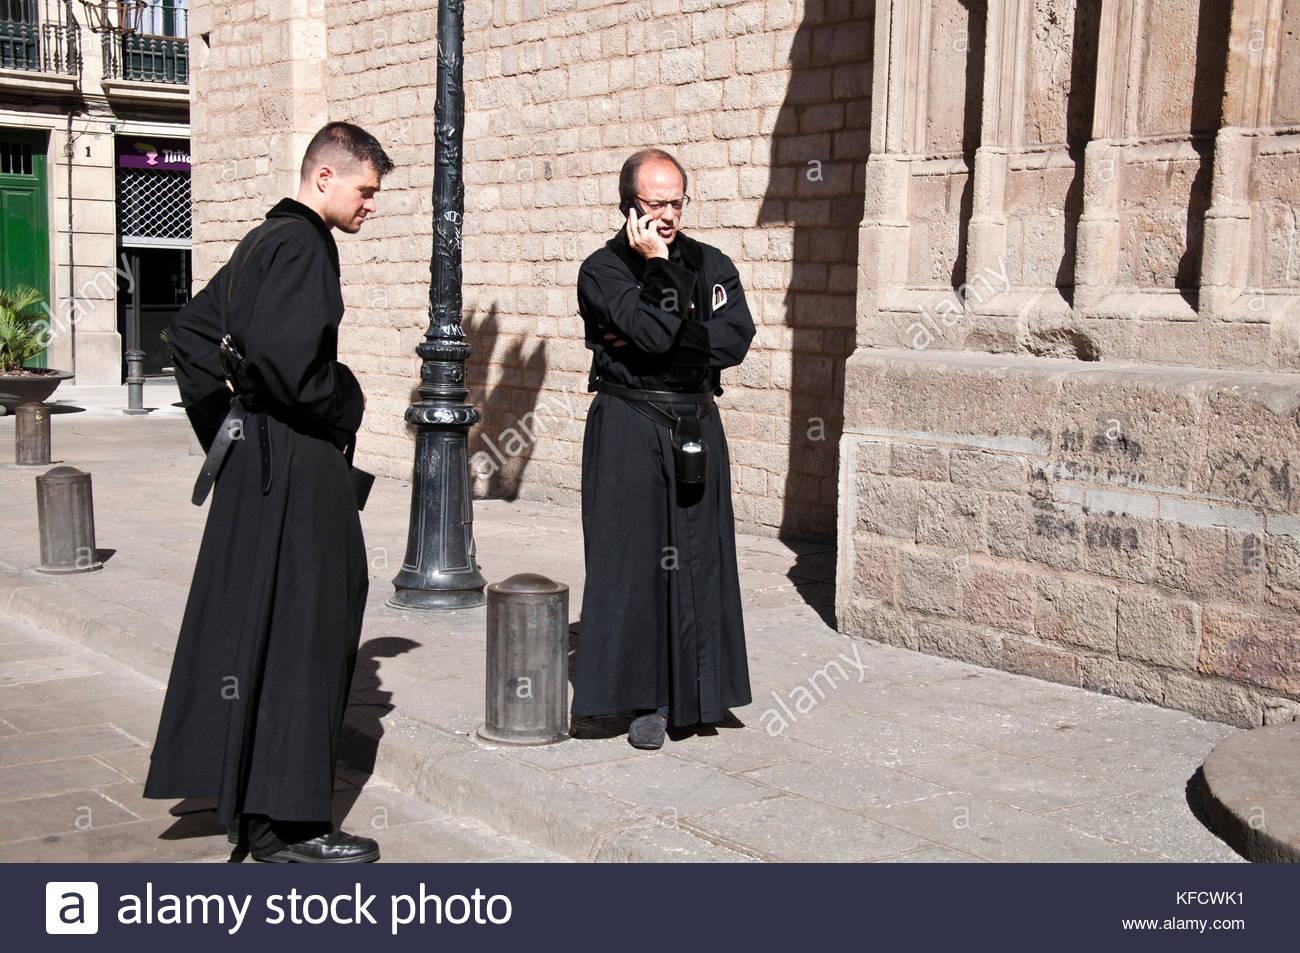 Dos hombres vestidos de monje, Plaza Santa María del Mar, Barcelona, Ciutat Vella, España - Stock Image